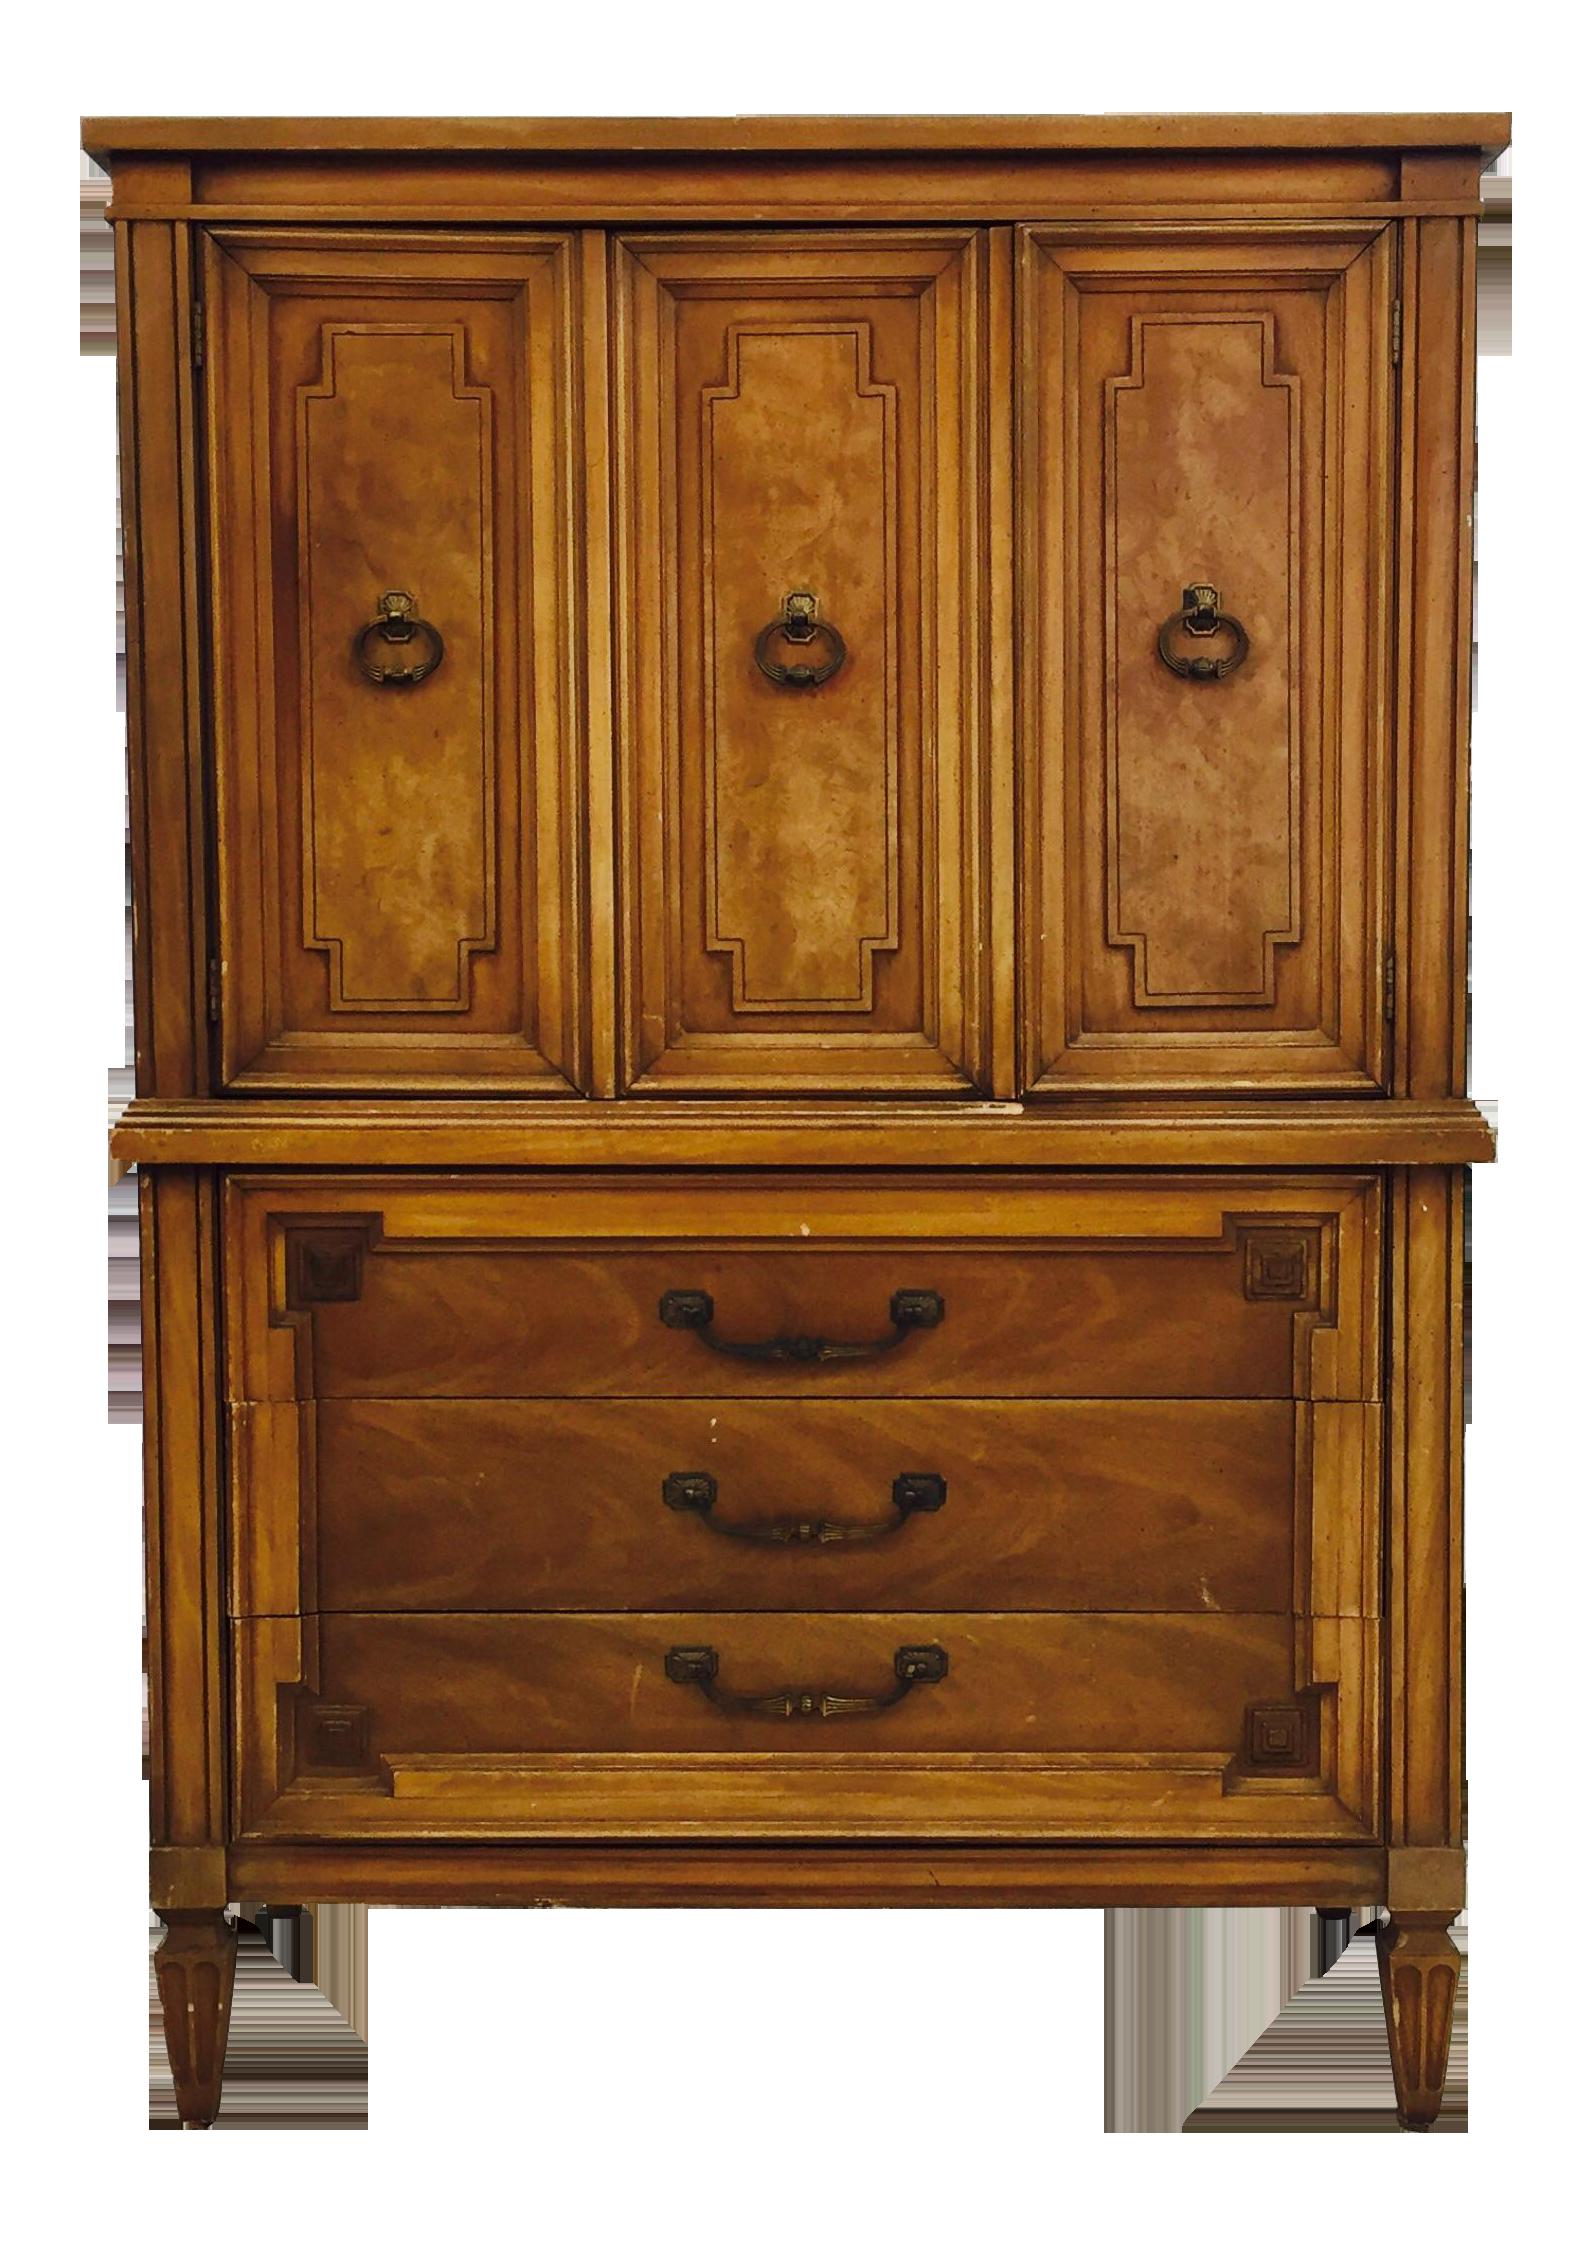 - Vintage Thomasville Tall Dresser Chest Chairish